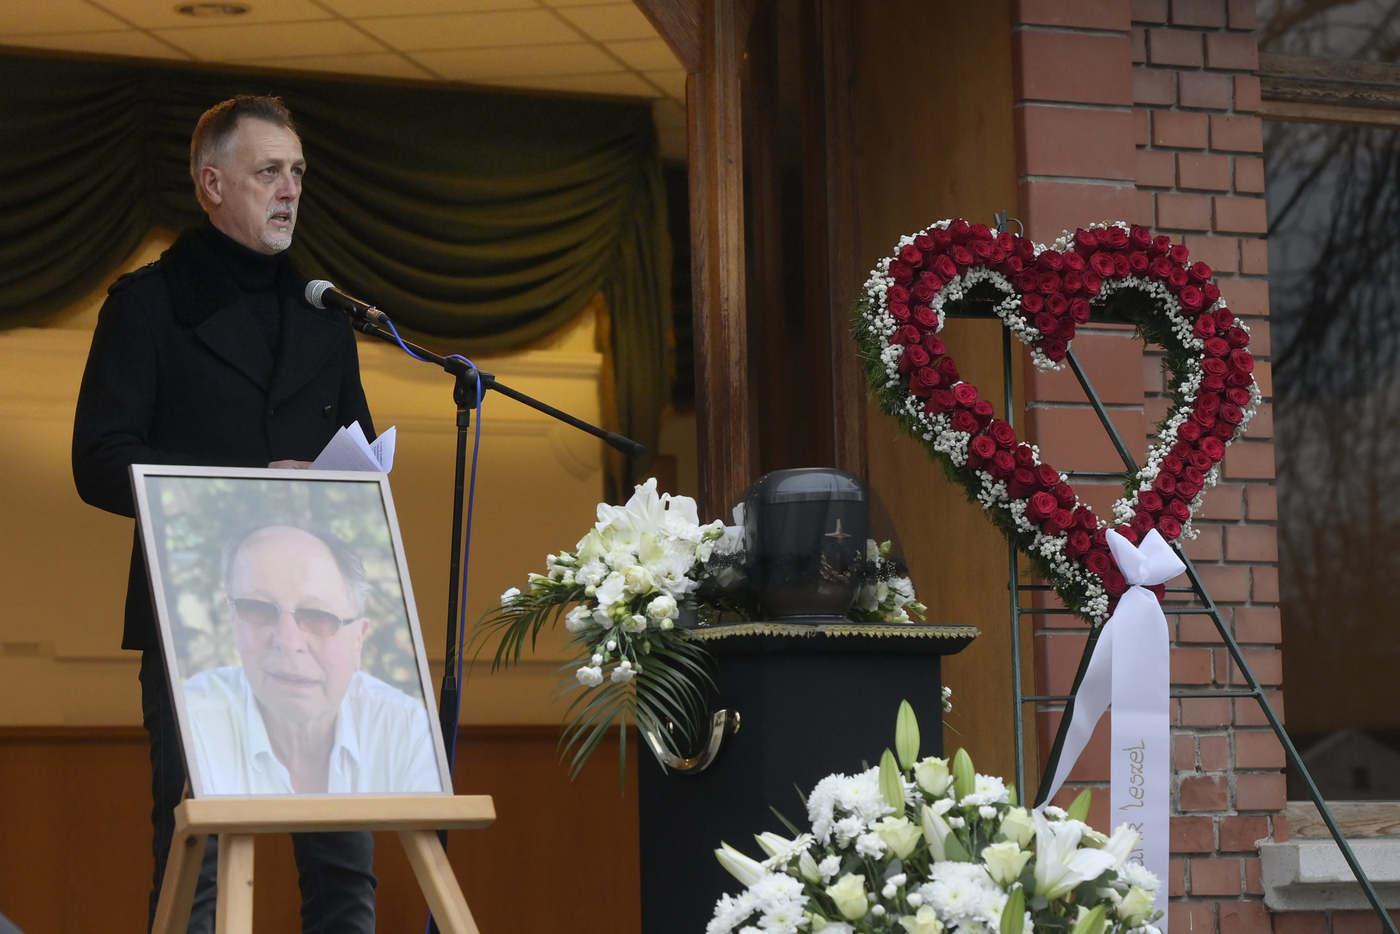 Ifj. Albert Flórián is beszédet mondott a nagy fradista Fecó emlékére (Fotó: MTI / Koszticsák Szilárd)